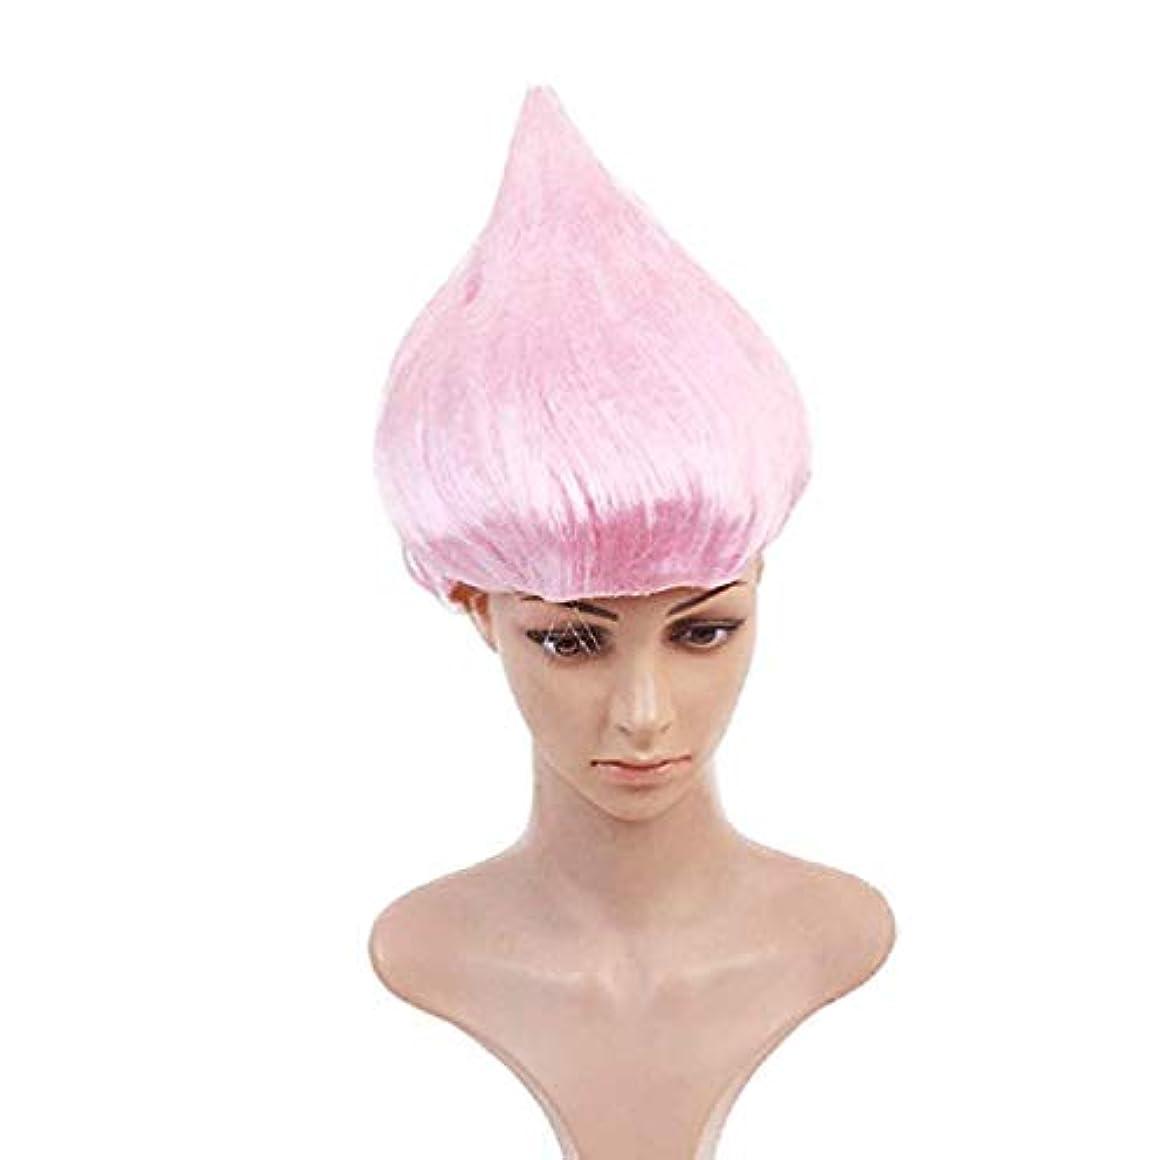 クライマックス唯物論ハチ男性女性の髪のかつら新しいファッション髪耐熱マルチカラーかつらコスプレハロウィンクリスマスパーティー